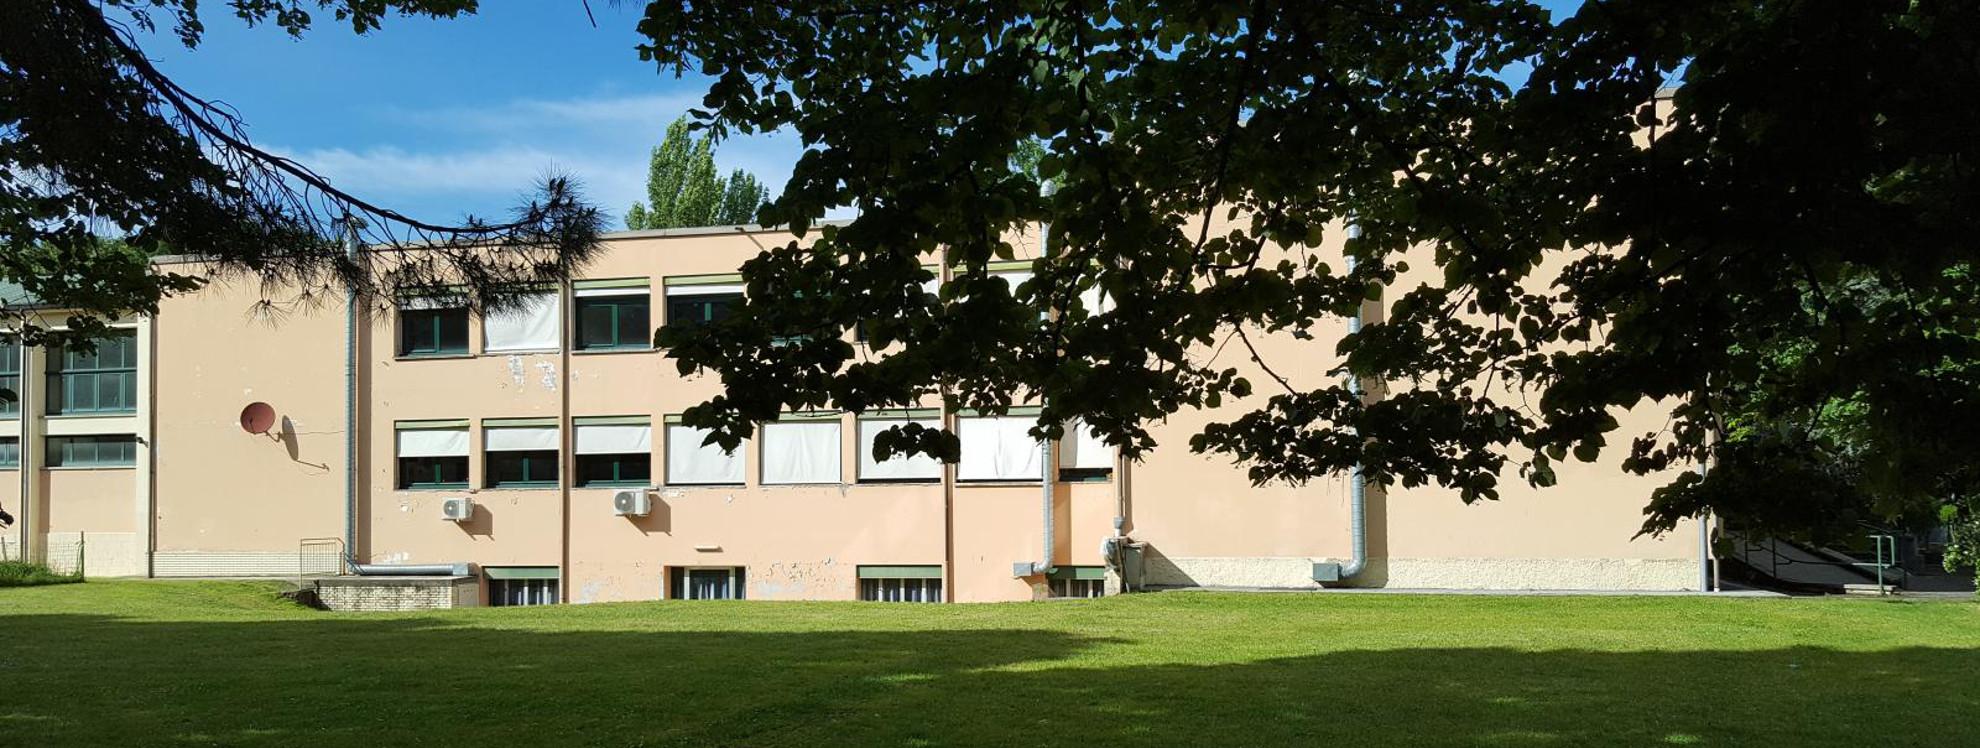 Vecchie scuole medie Panzacchi - Foto Comune di Ozzano Emilia